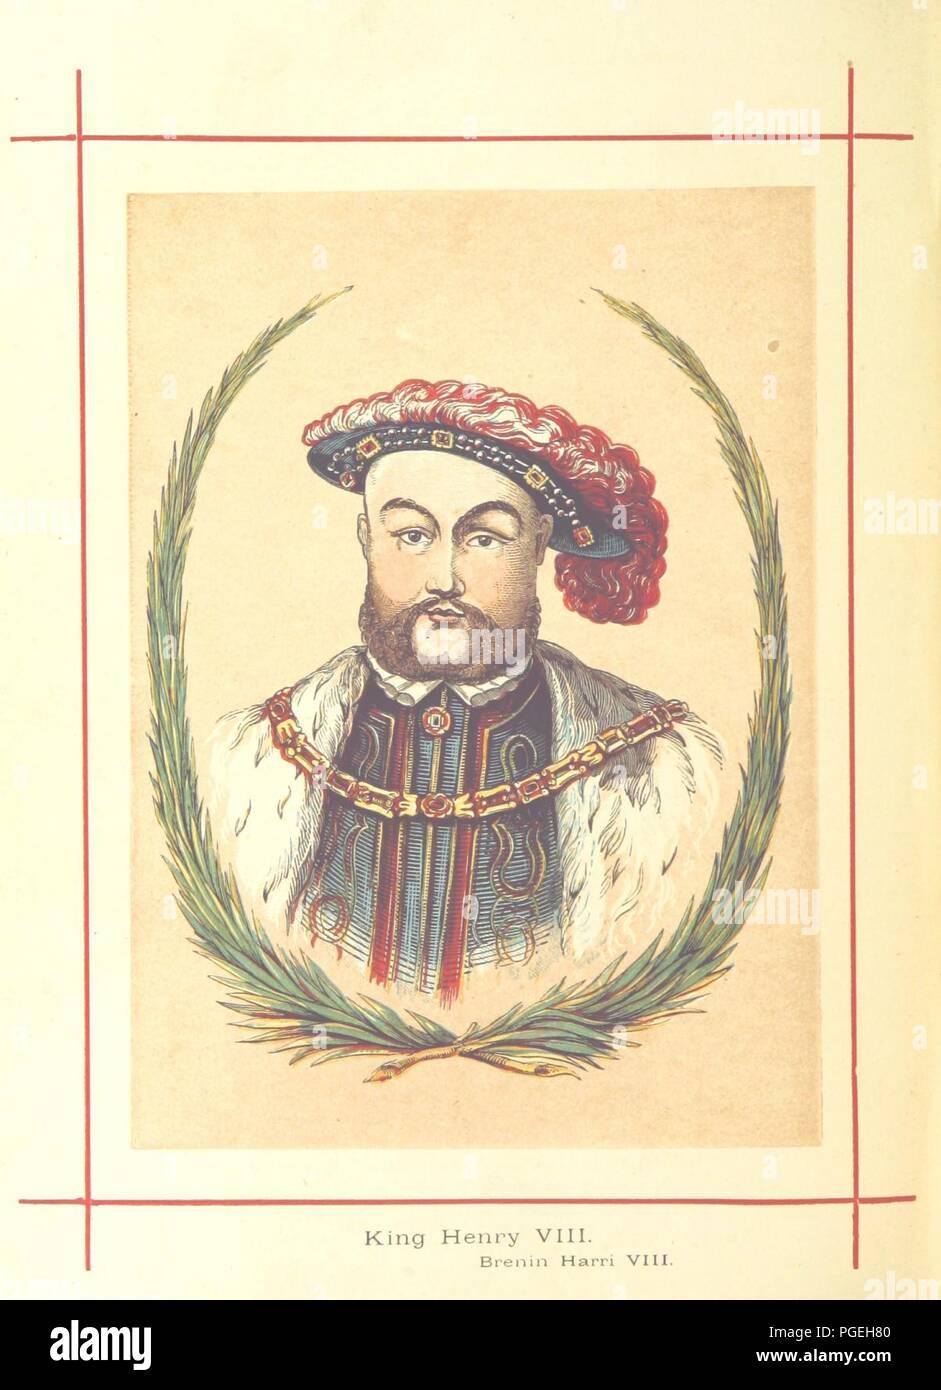 Image  from page 576 of 'Hanes Prydain Fawr o'r cyfnod boreuaf hyd yr amser presenol, etc. [With plates.]' . - Stock Image